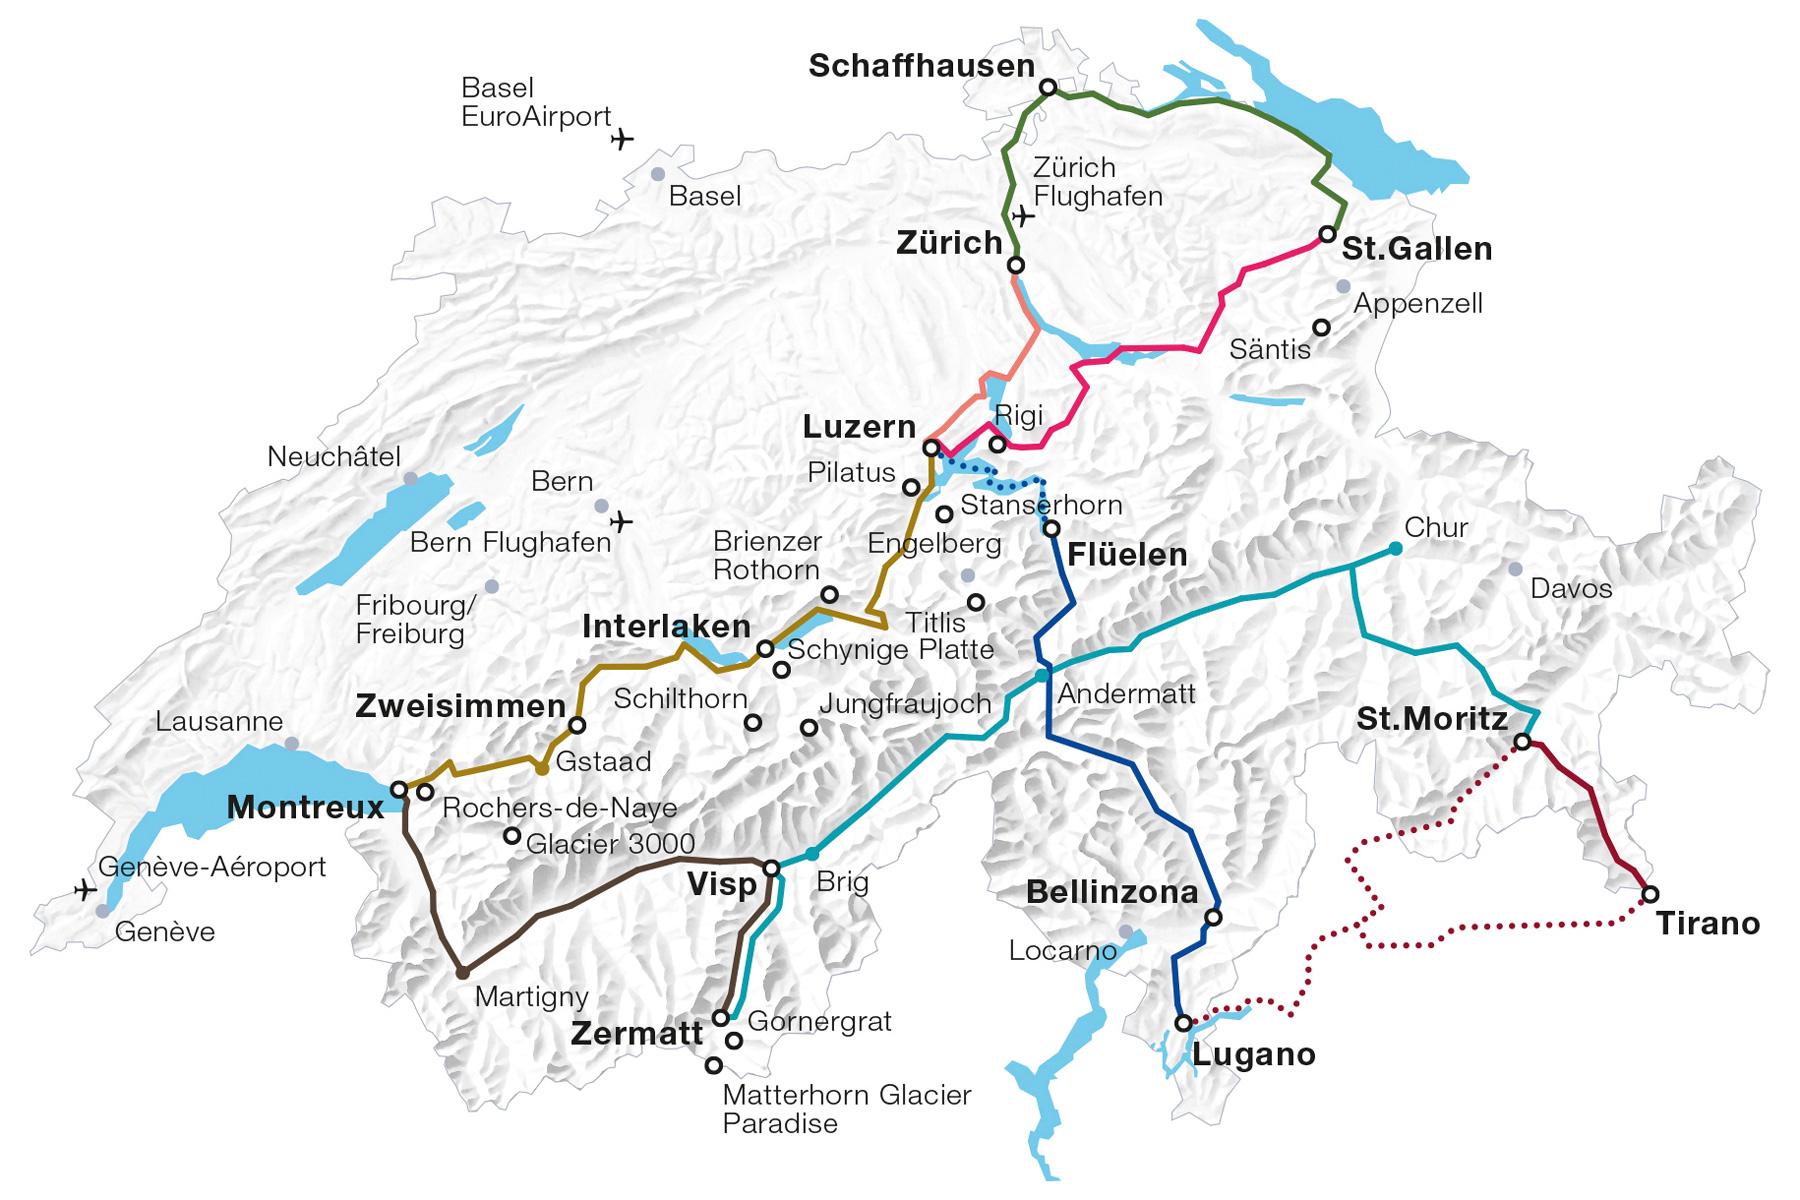 Grand Train Tour of Switzerland Map 2017